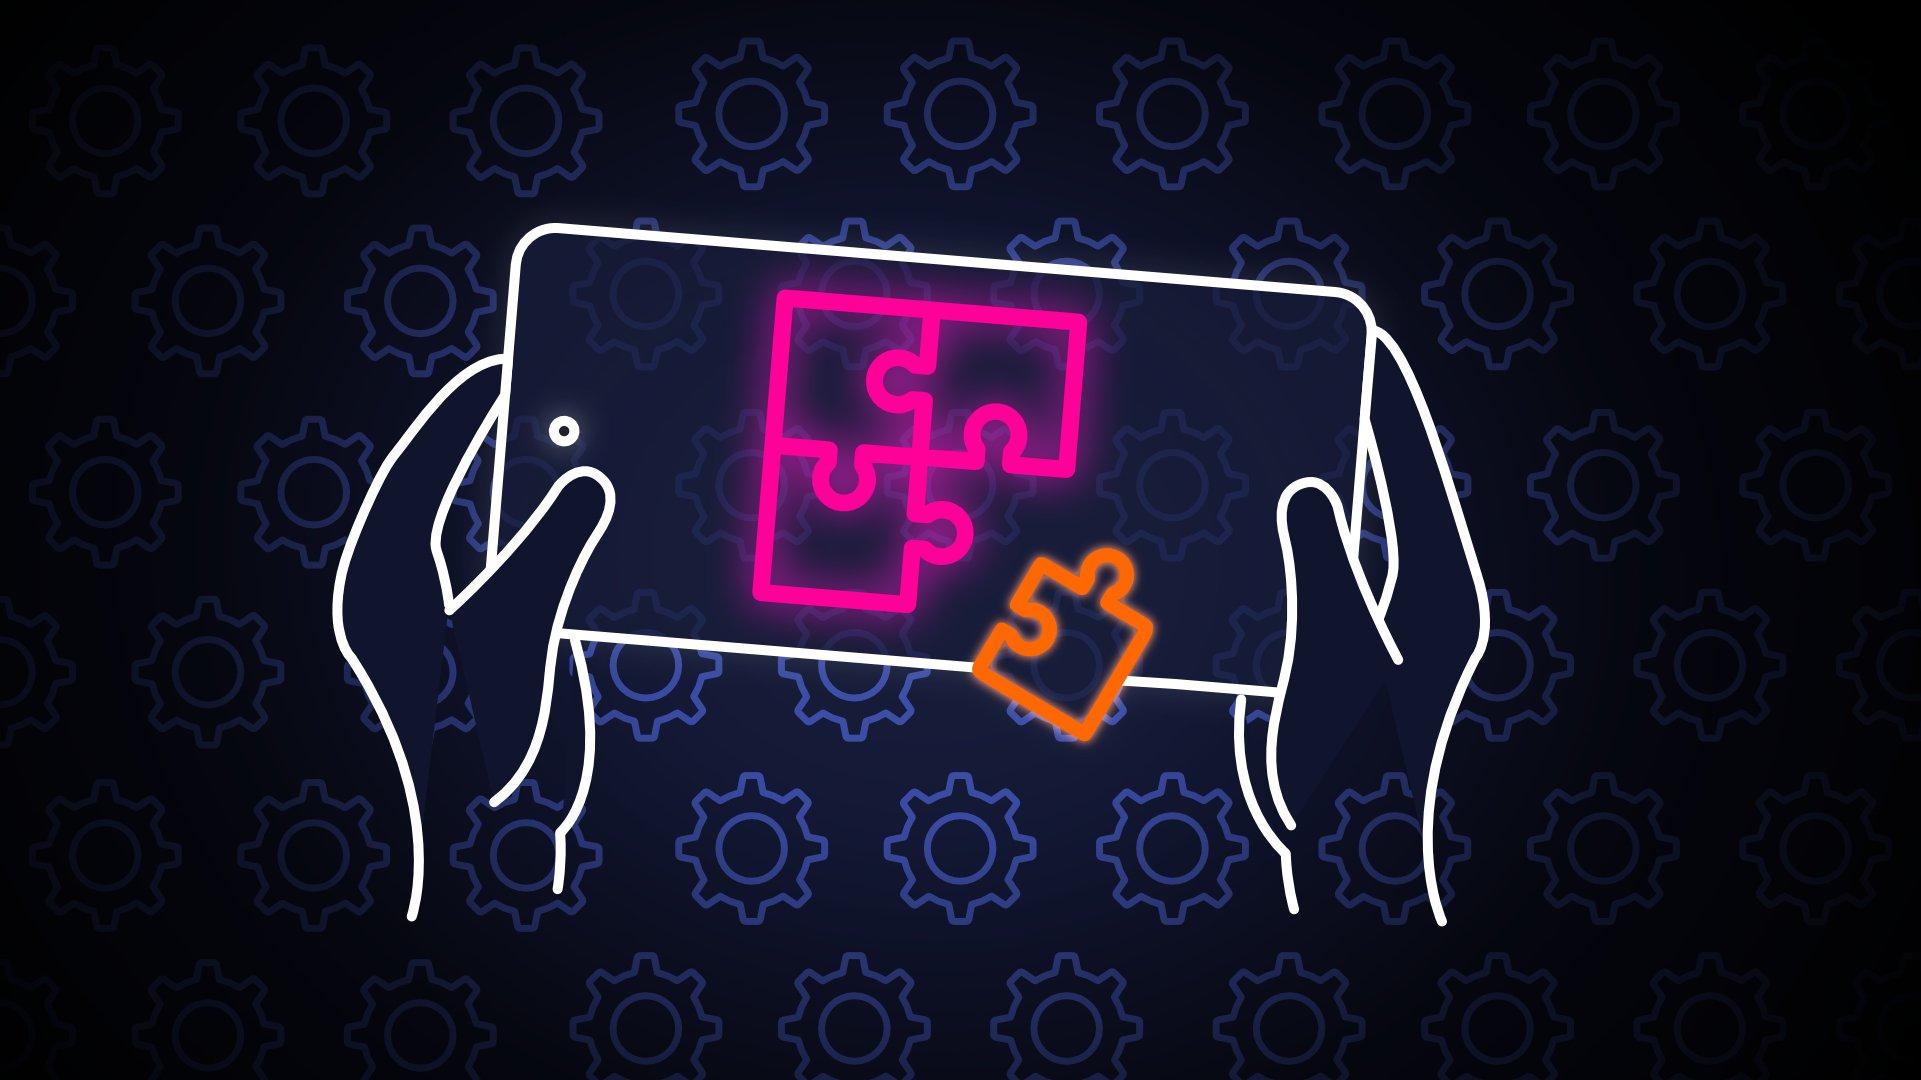 Les Meilleurs Jeux De Réflexion Gratuits Et Payants Sur Android concernant Jouer Aux Puzzles Gratuitement